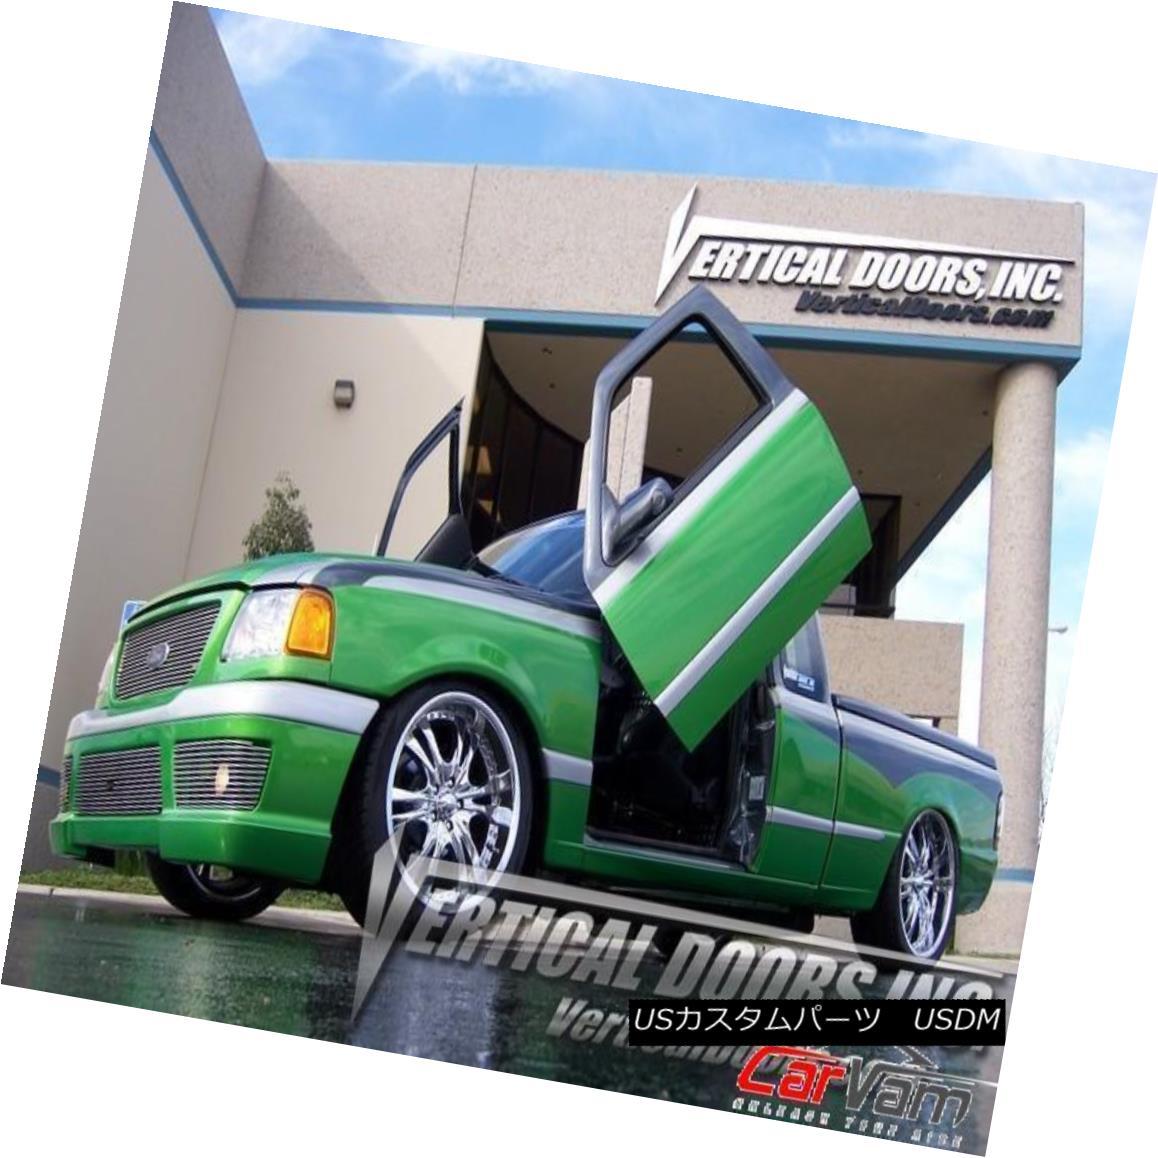 ガルウィングキット Vertical Doors - Vertical Lambo Door Kit For Ford Ranger 1998-08 -VDCFR9808 垂直ドア - フォードレンジャーのための垂直ランボルフトドアキット1998-08 -VDCFR9808